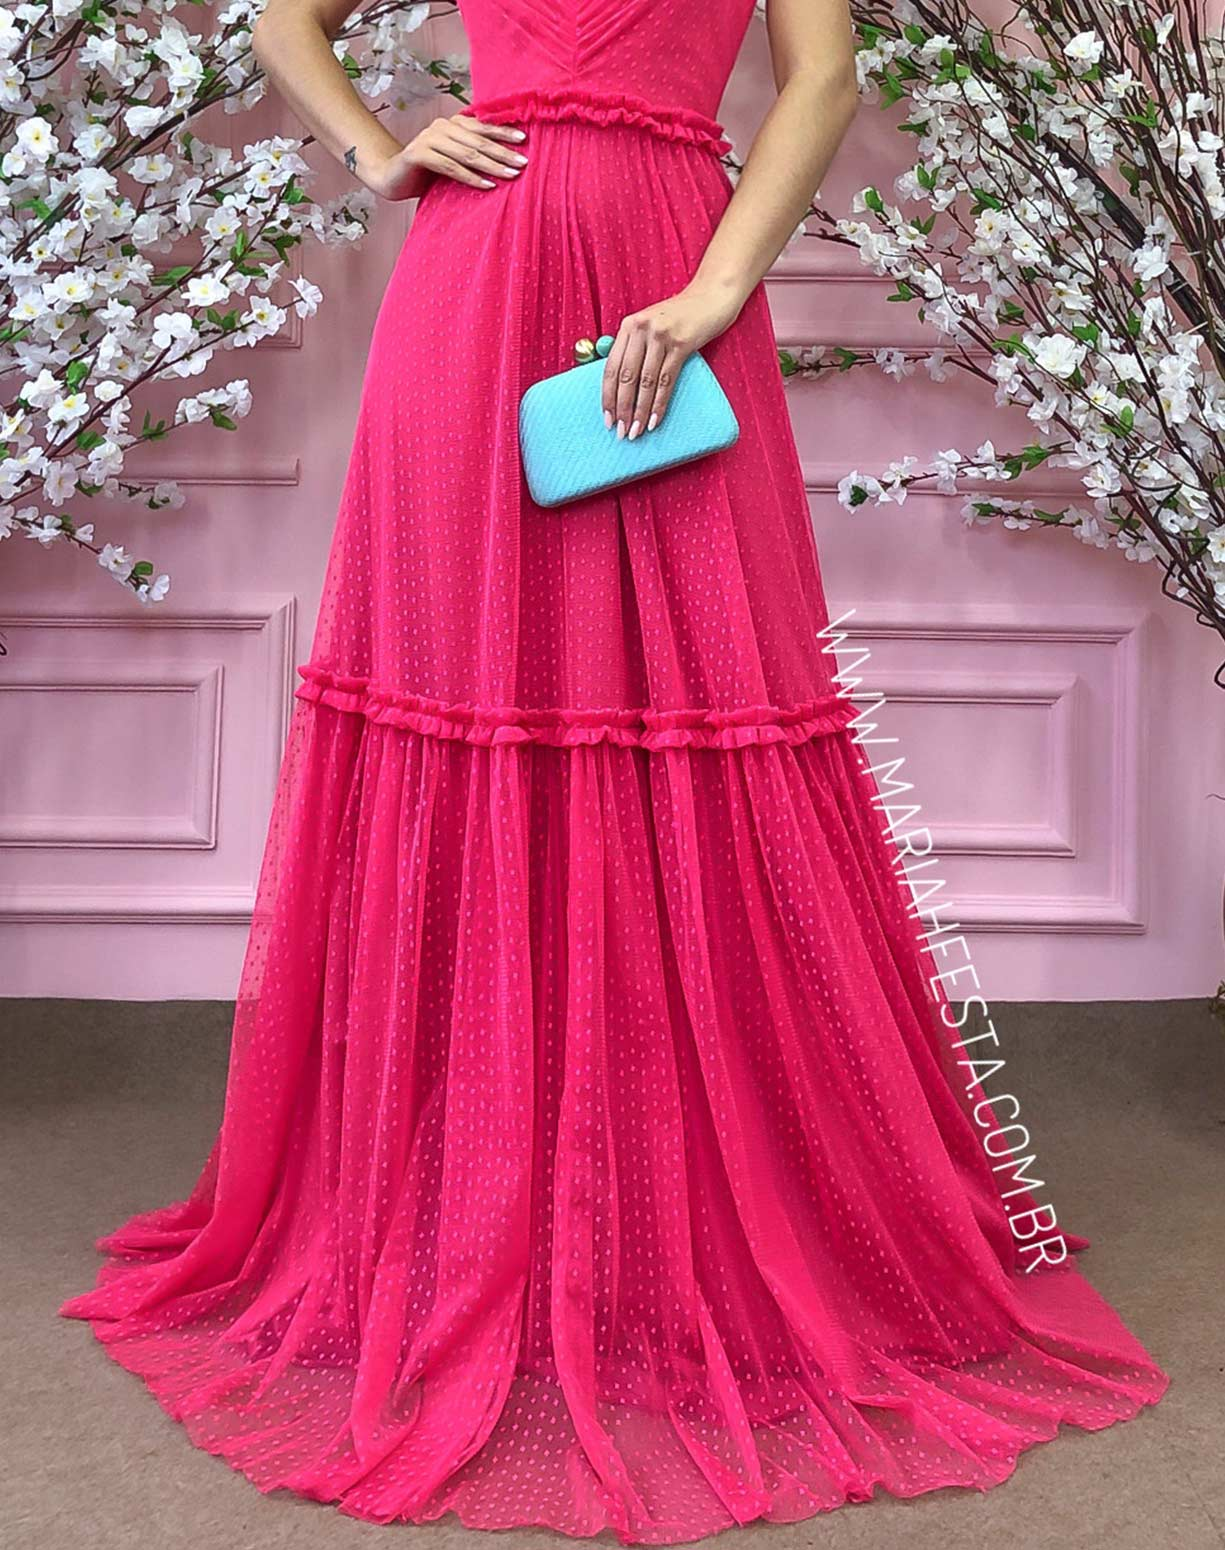 Vestido Frente Única Rosa Pink em Tule Texturizado